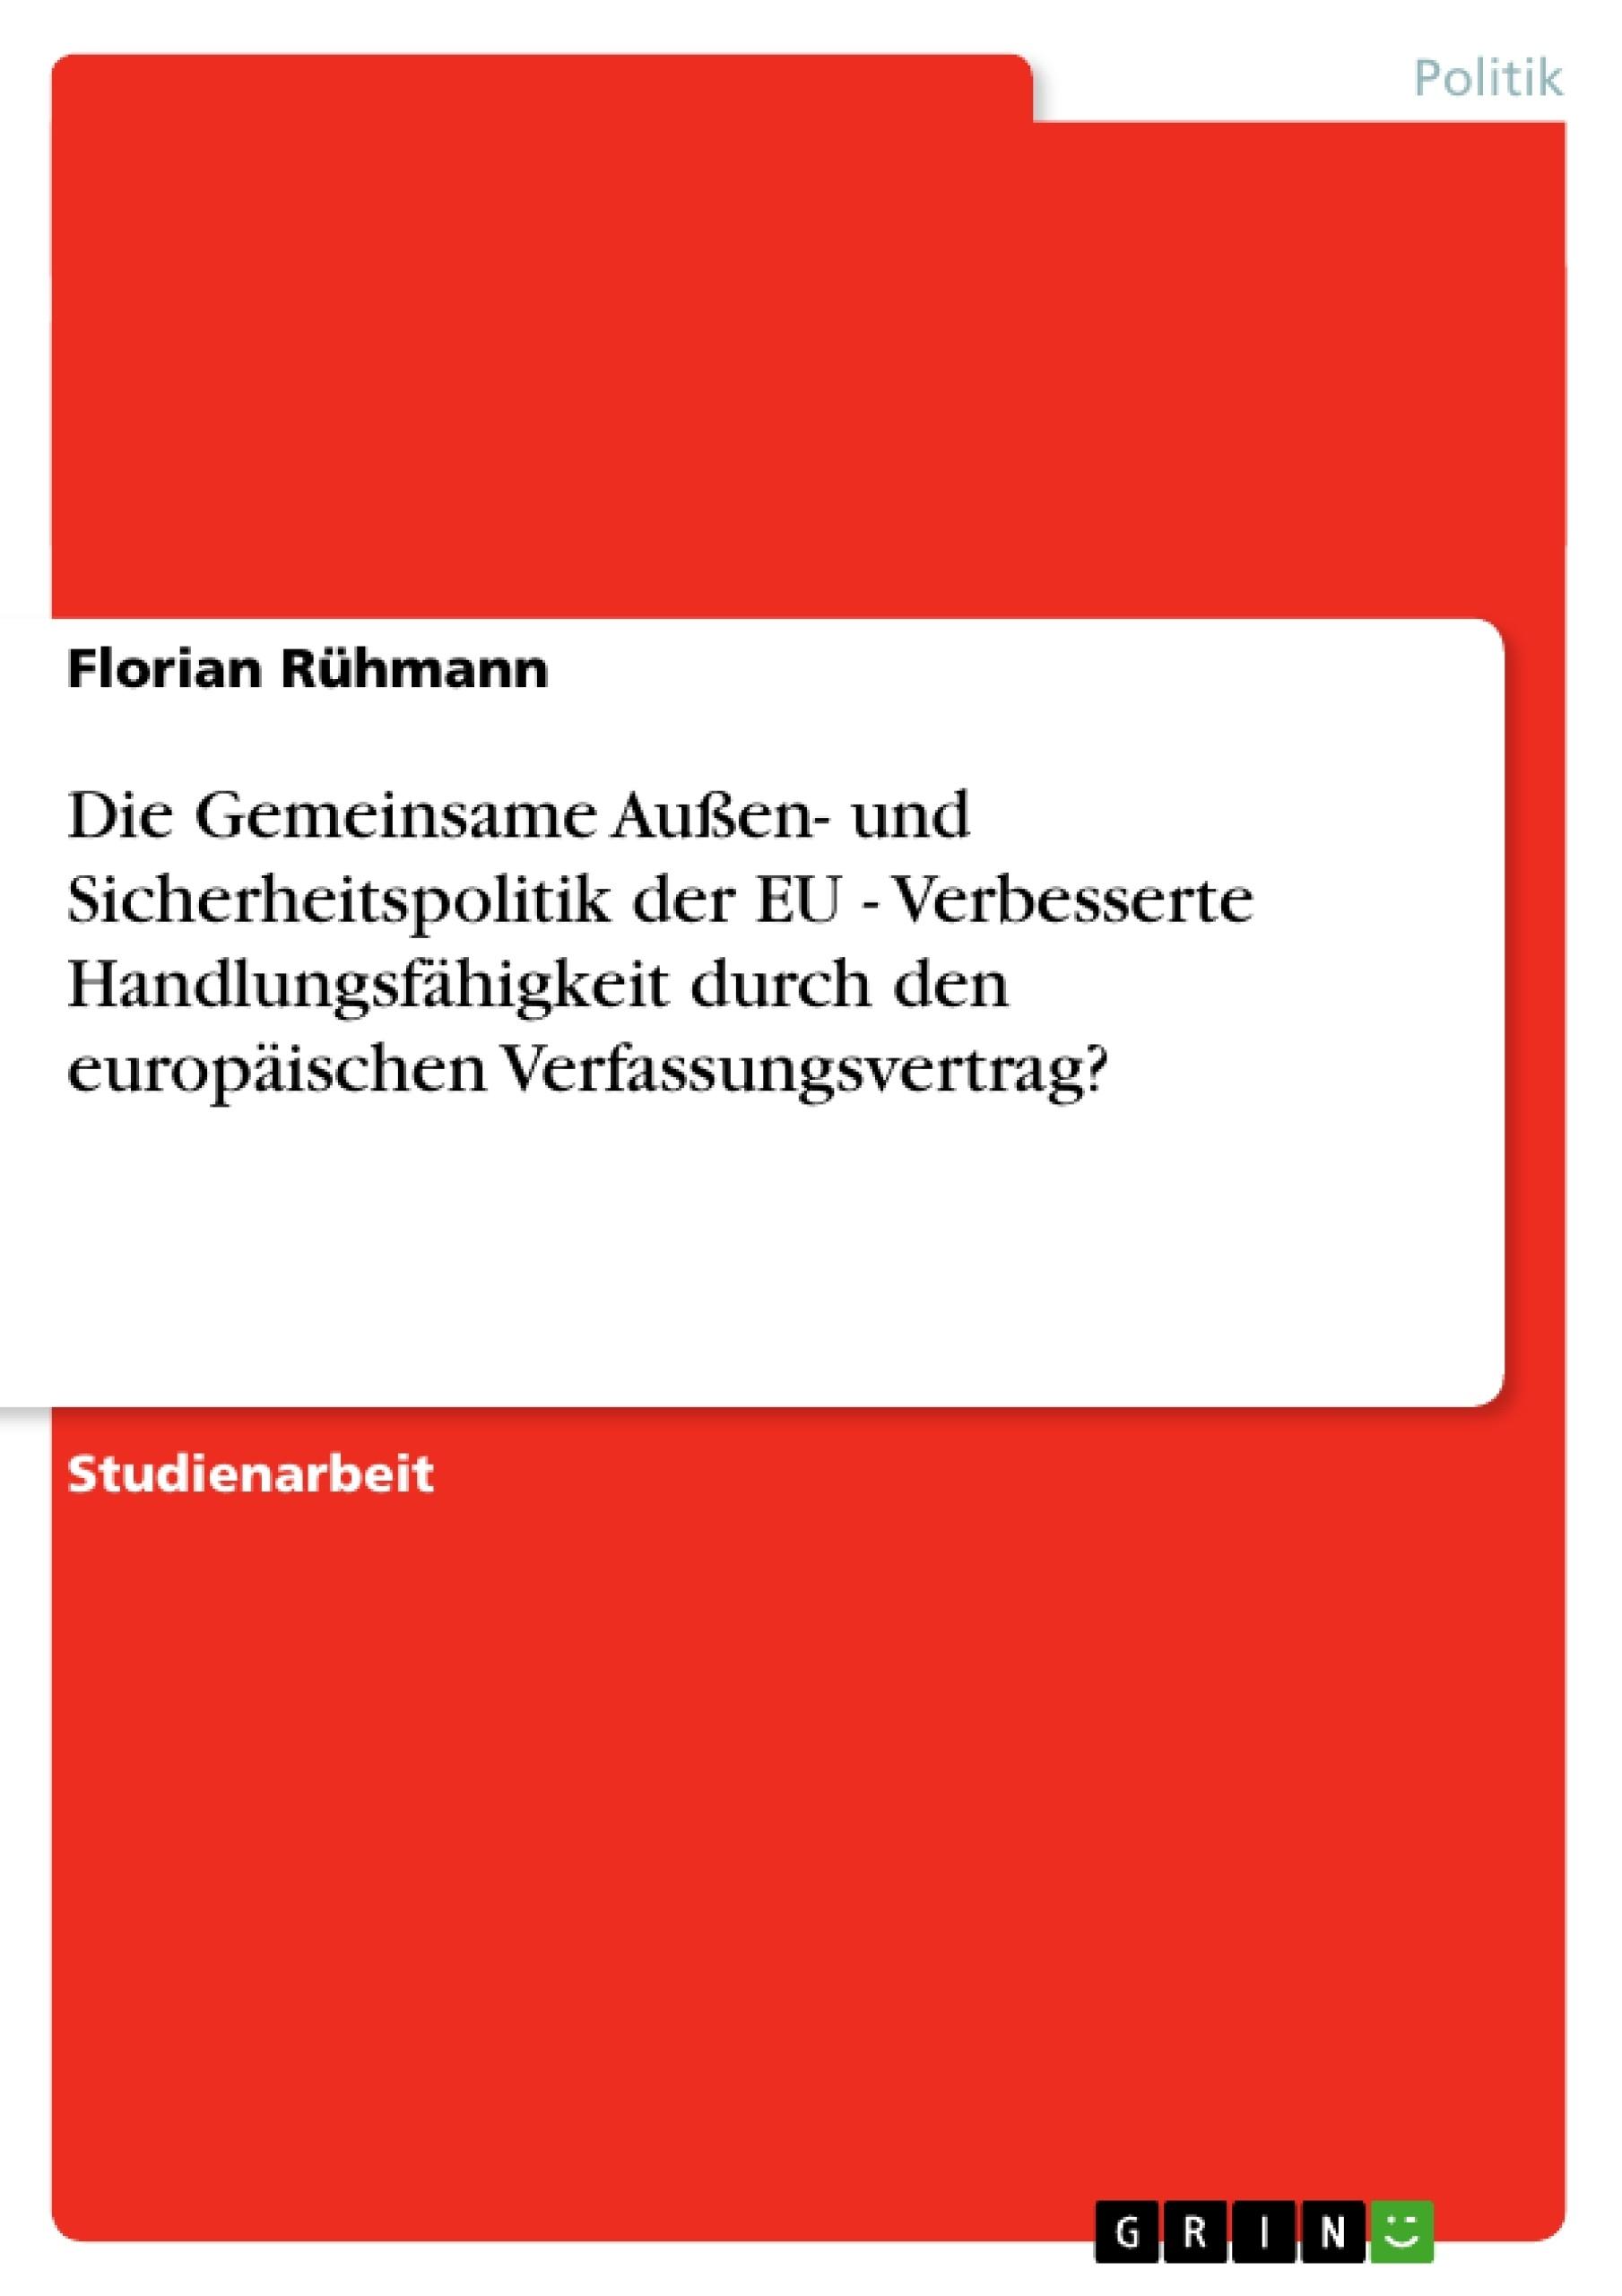 Titel: Die Gemeinsame Außen- und Sicherheitspolitik der EU - Verbesserte Handlungsfähigkeit durch den europäischen Verfassungsvertrag?